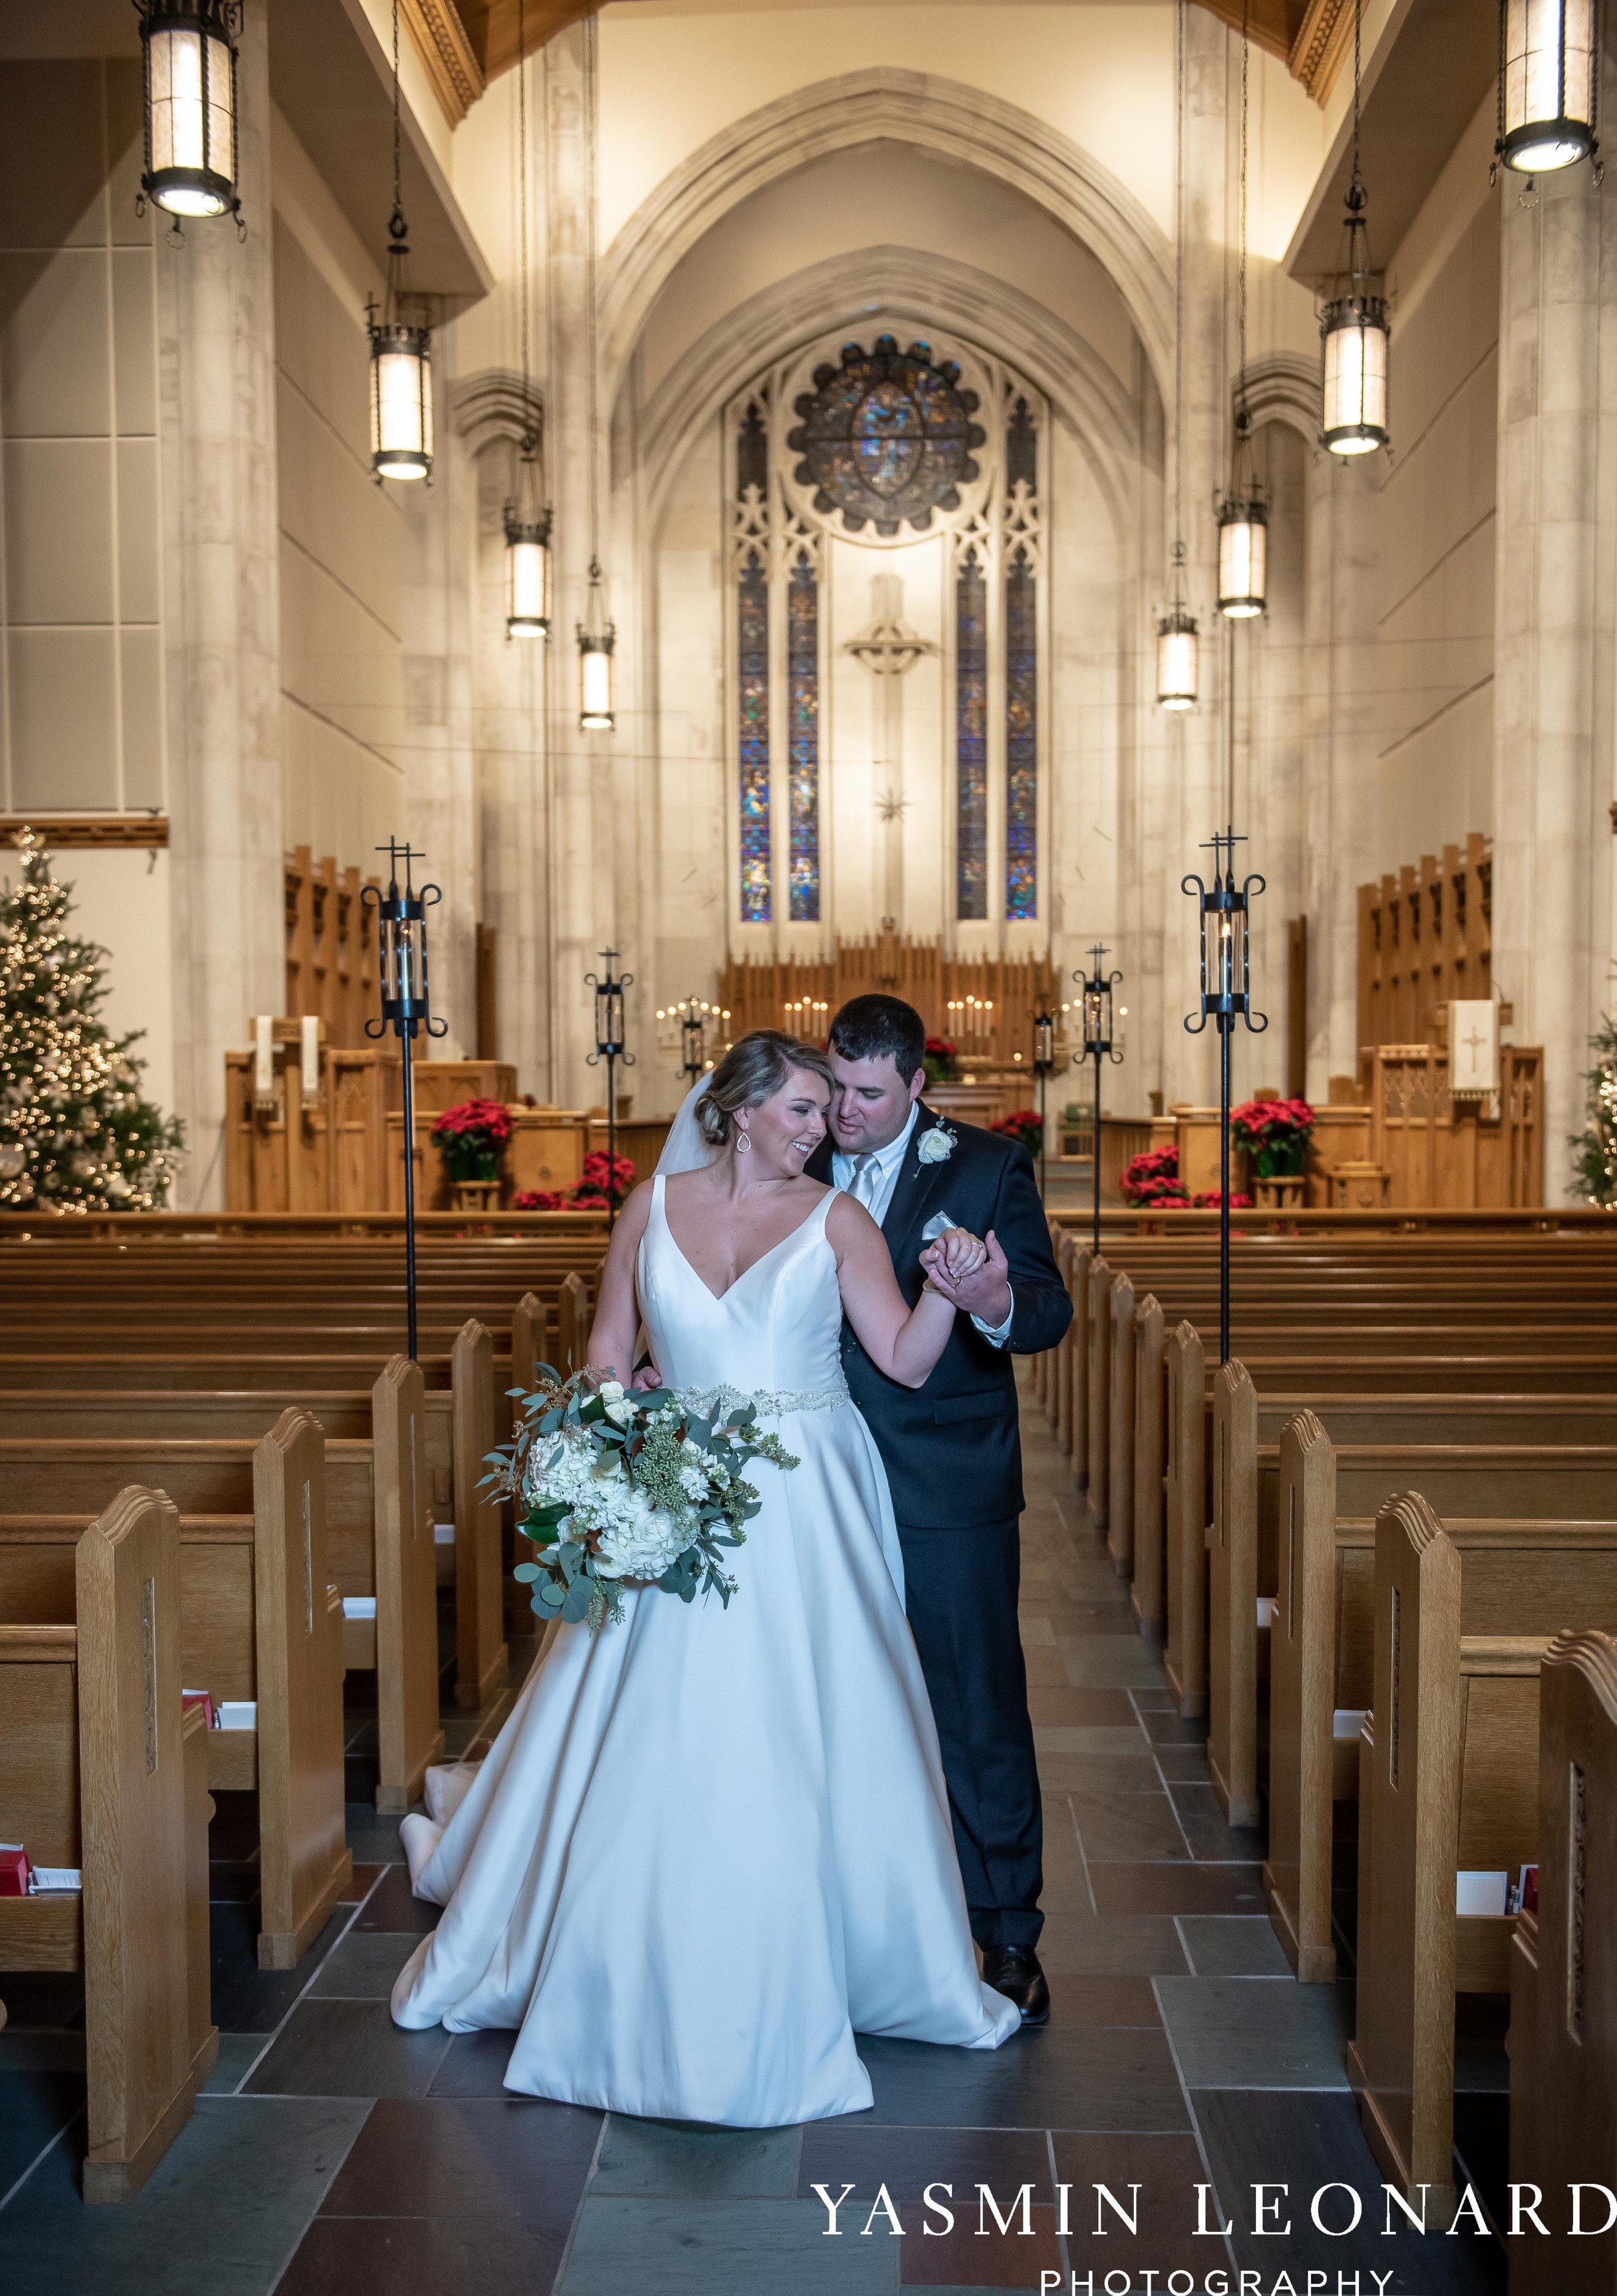 Adaumont Farm - Wesley Memorial Weddings - High Point Weddings - Just Priceless - NC Wedding Photographer - Yasmin Leonard Photography - High Point Wedding Vendors-42.jpg